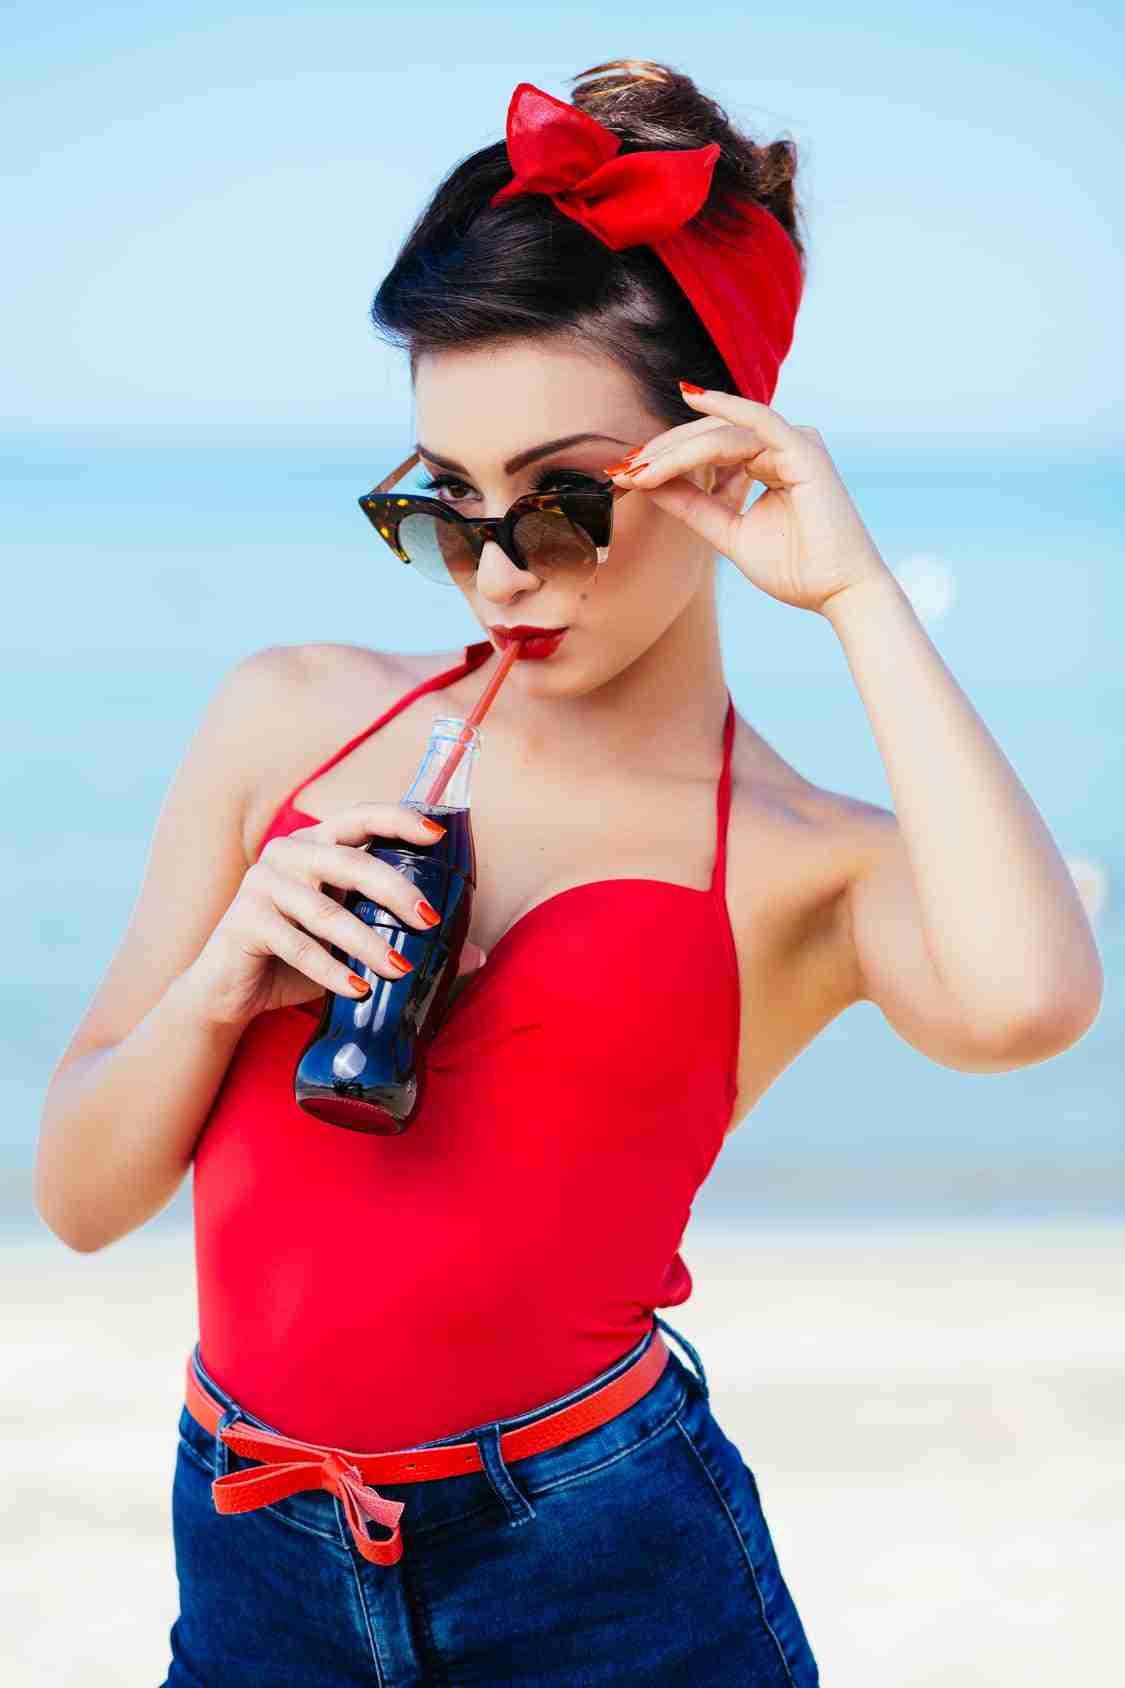 La mayoría de los españoles engordan durante el verano 33